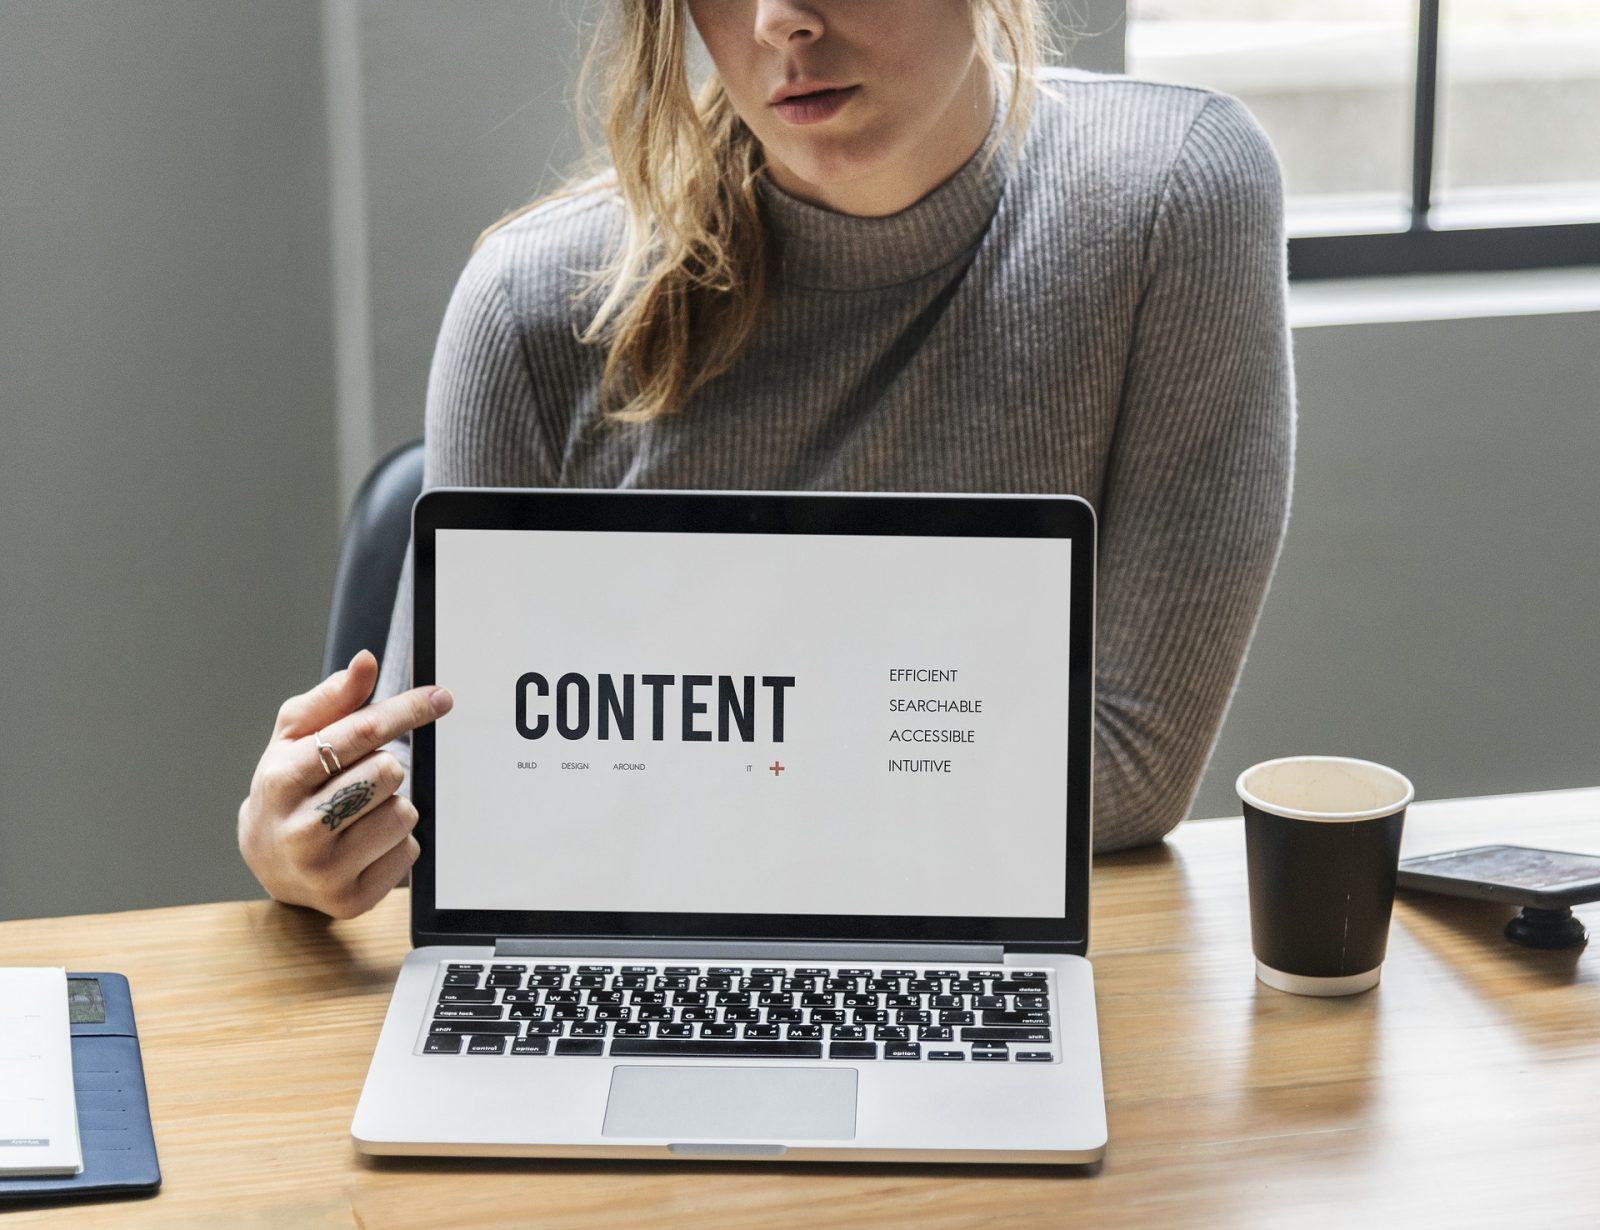 Повышаем лояльность: что такое контент-маркетинг и как он работает